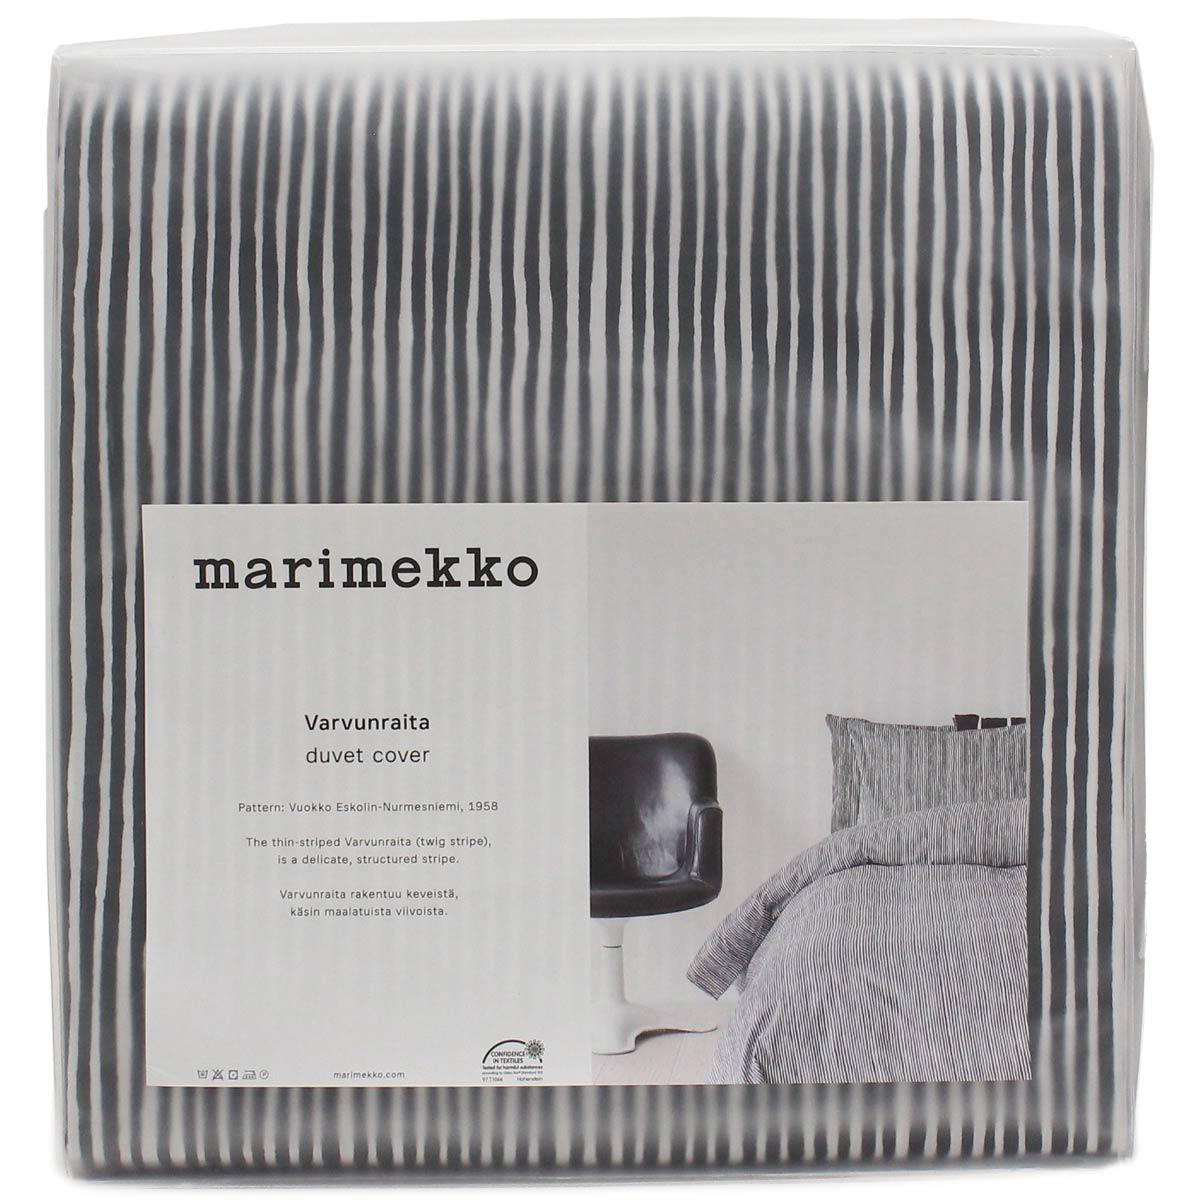 マリメッコ marimekko VARVUNRAITA 掛け布団カバー 67900 掛け布団カバー 190 ブラックホワイト系【布団カバー】